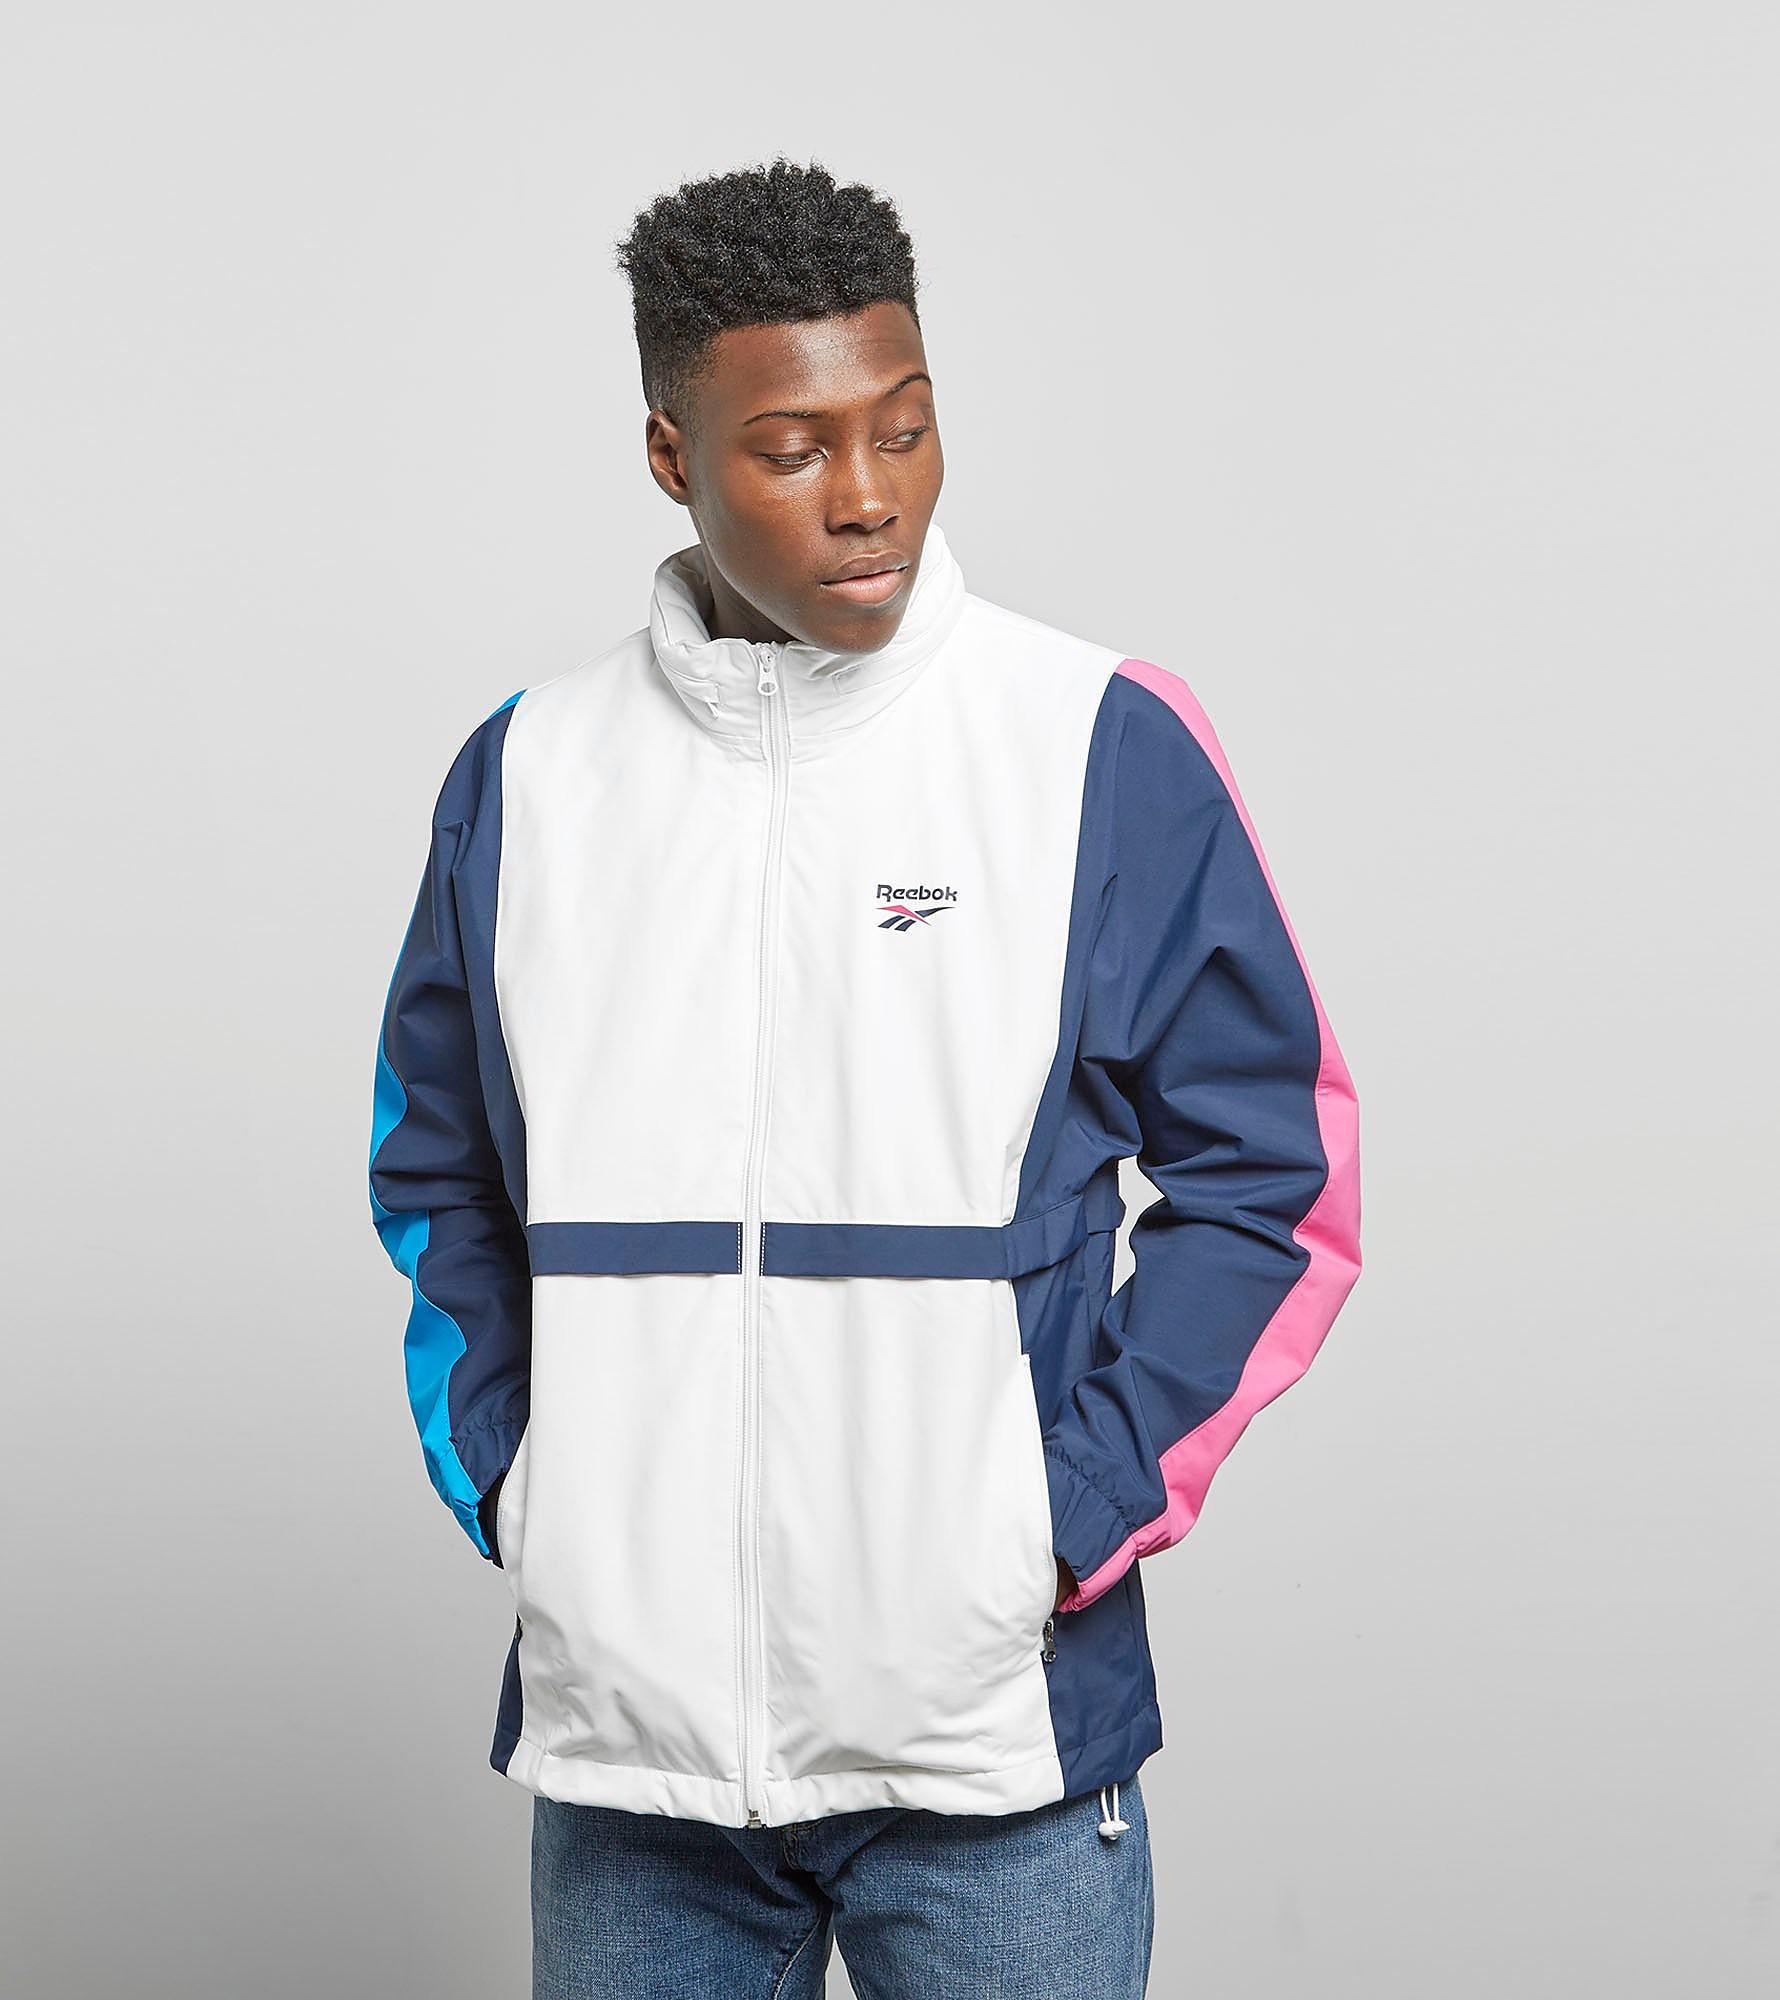 Reebok Reebok LF Vintage Jacket